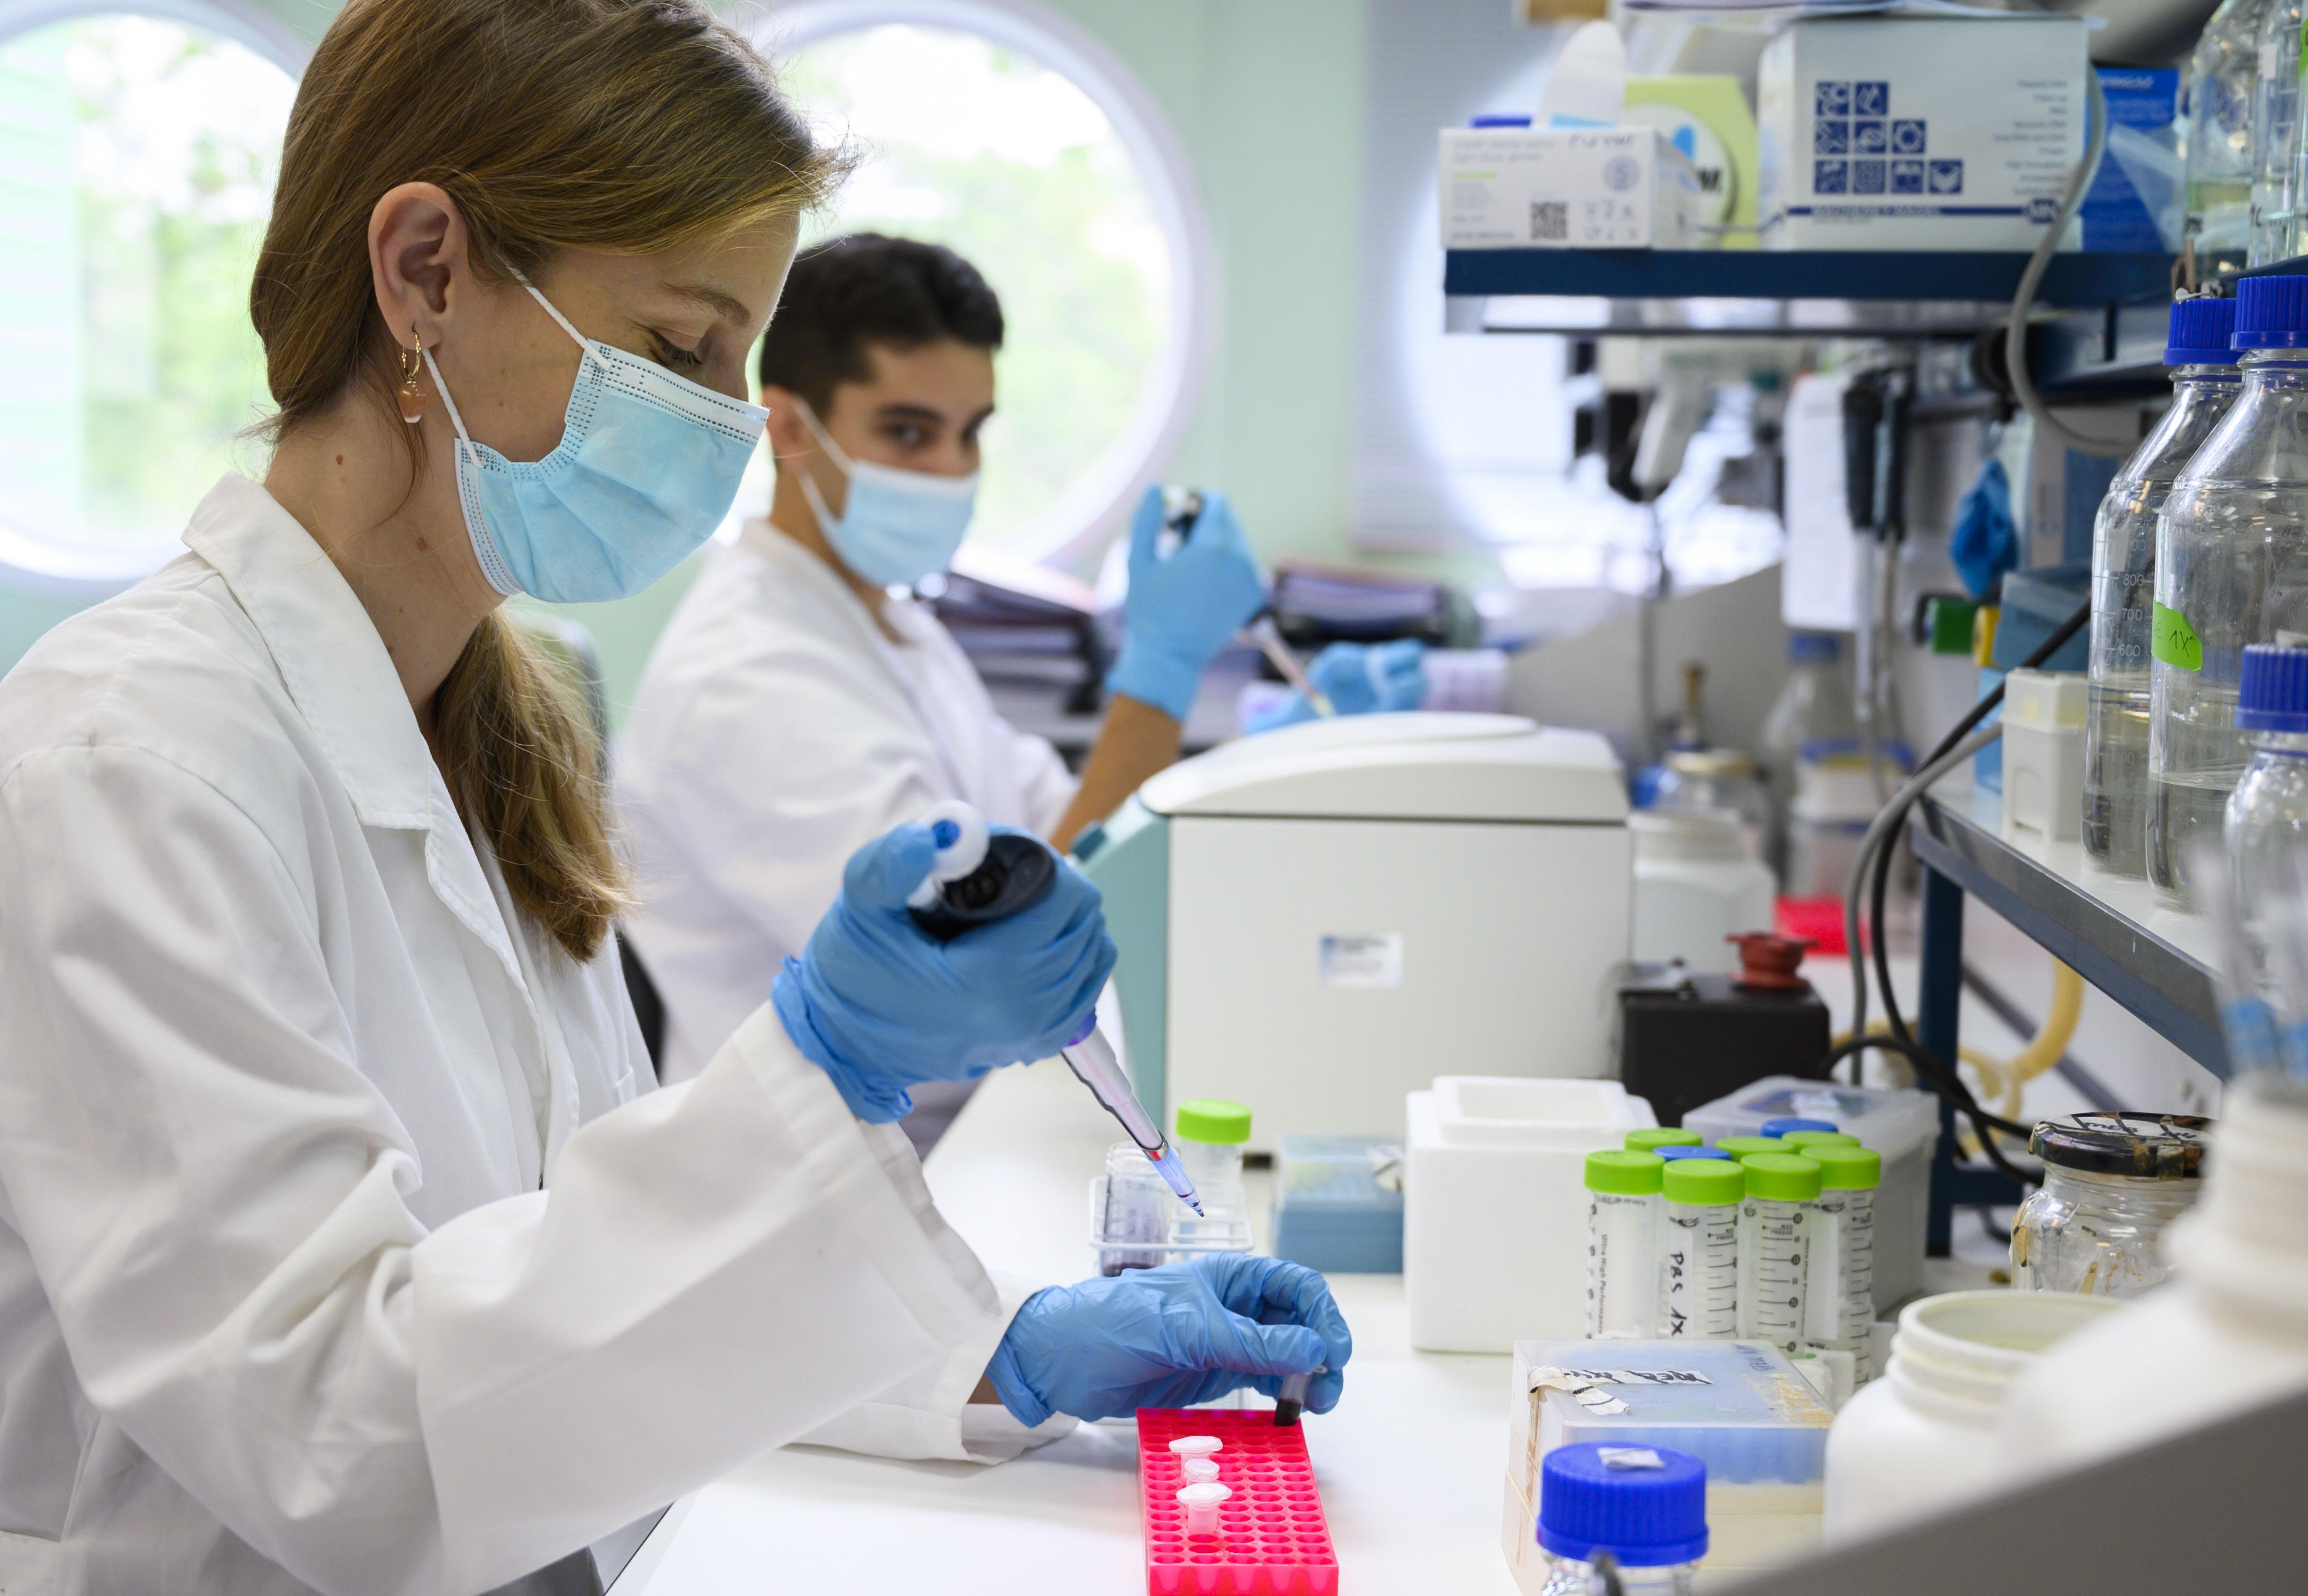 Los proyectos elegidos están centrados en la búsqueda de nuevos tratamientos frente a diversas enfermedades. / César Hernández / CSIC Comunicación